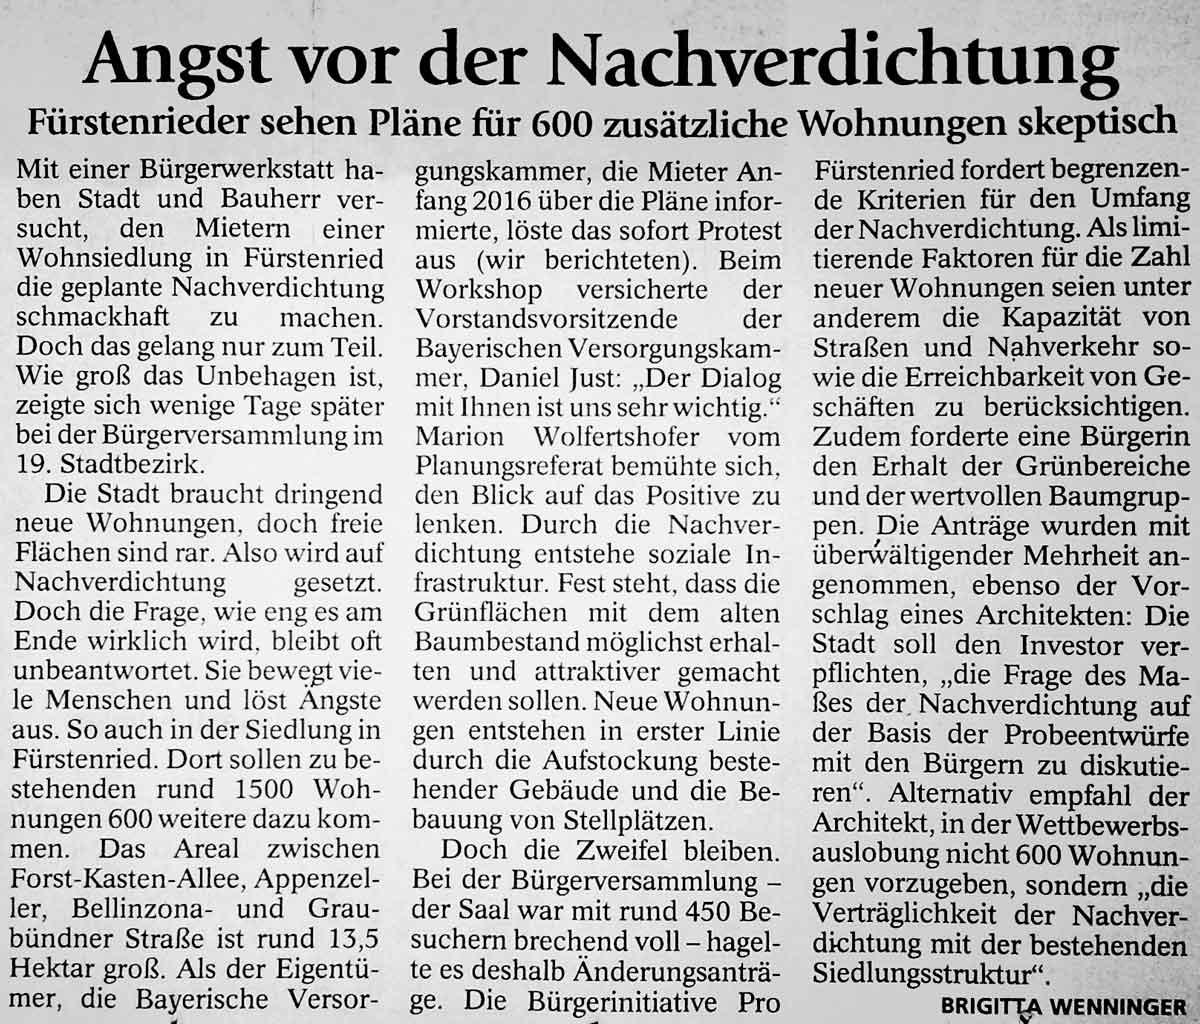 Münchner Merkur: Bericht über BVK Bürgerworshop und Bürgerversammlung